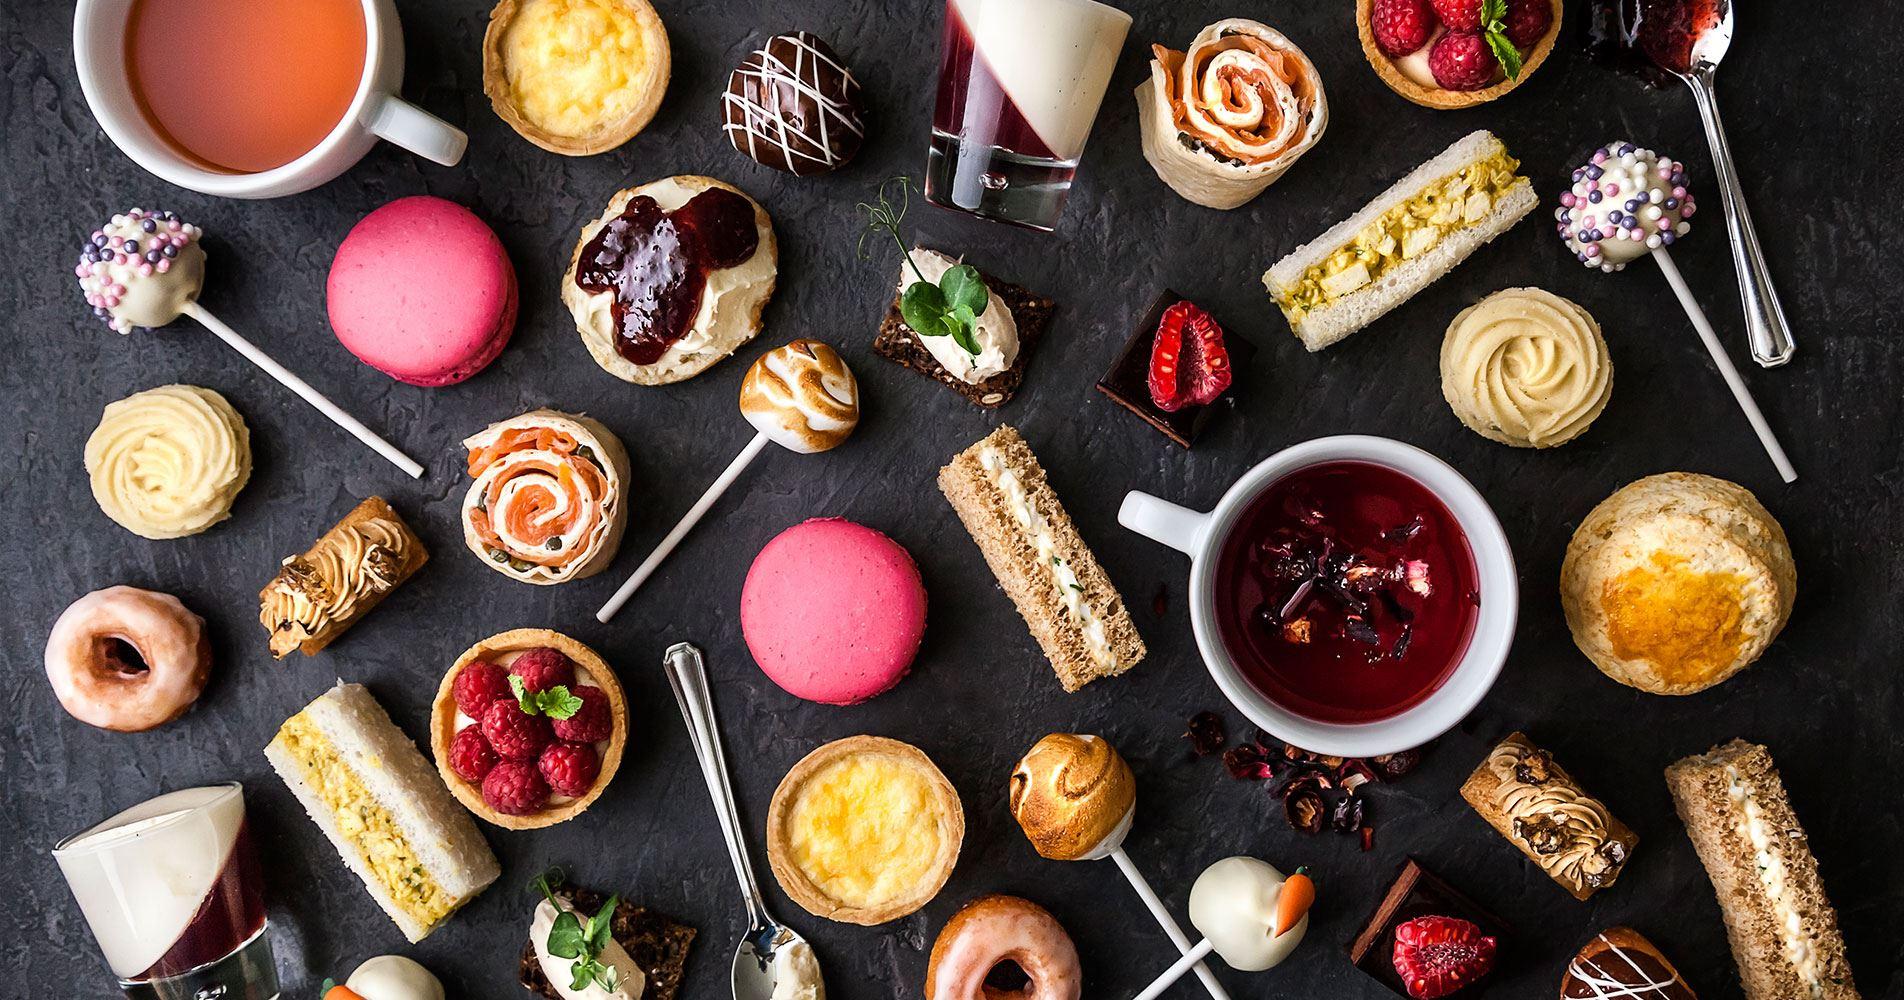 Celebrate Afternoon Tea Week in Style